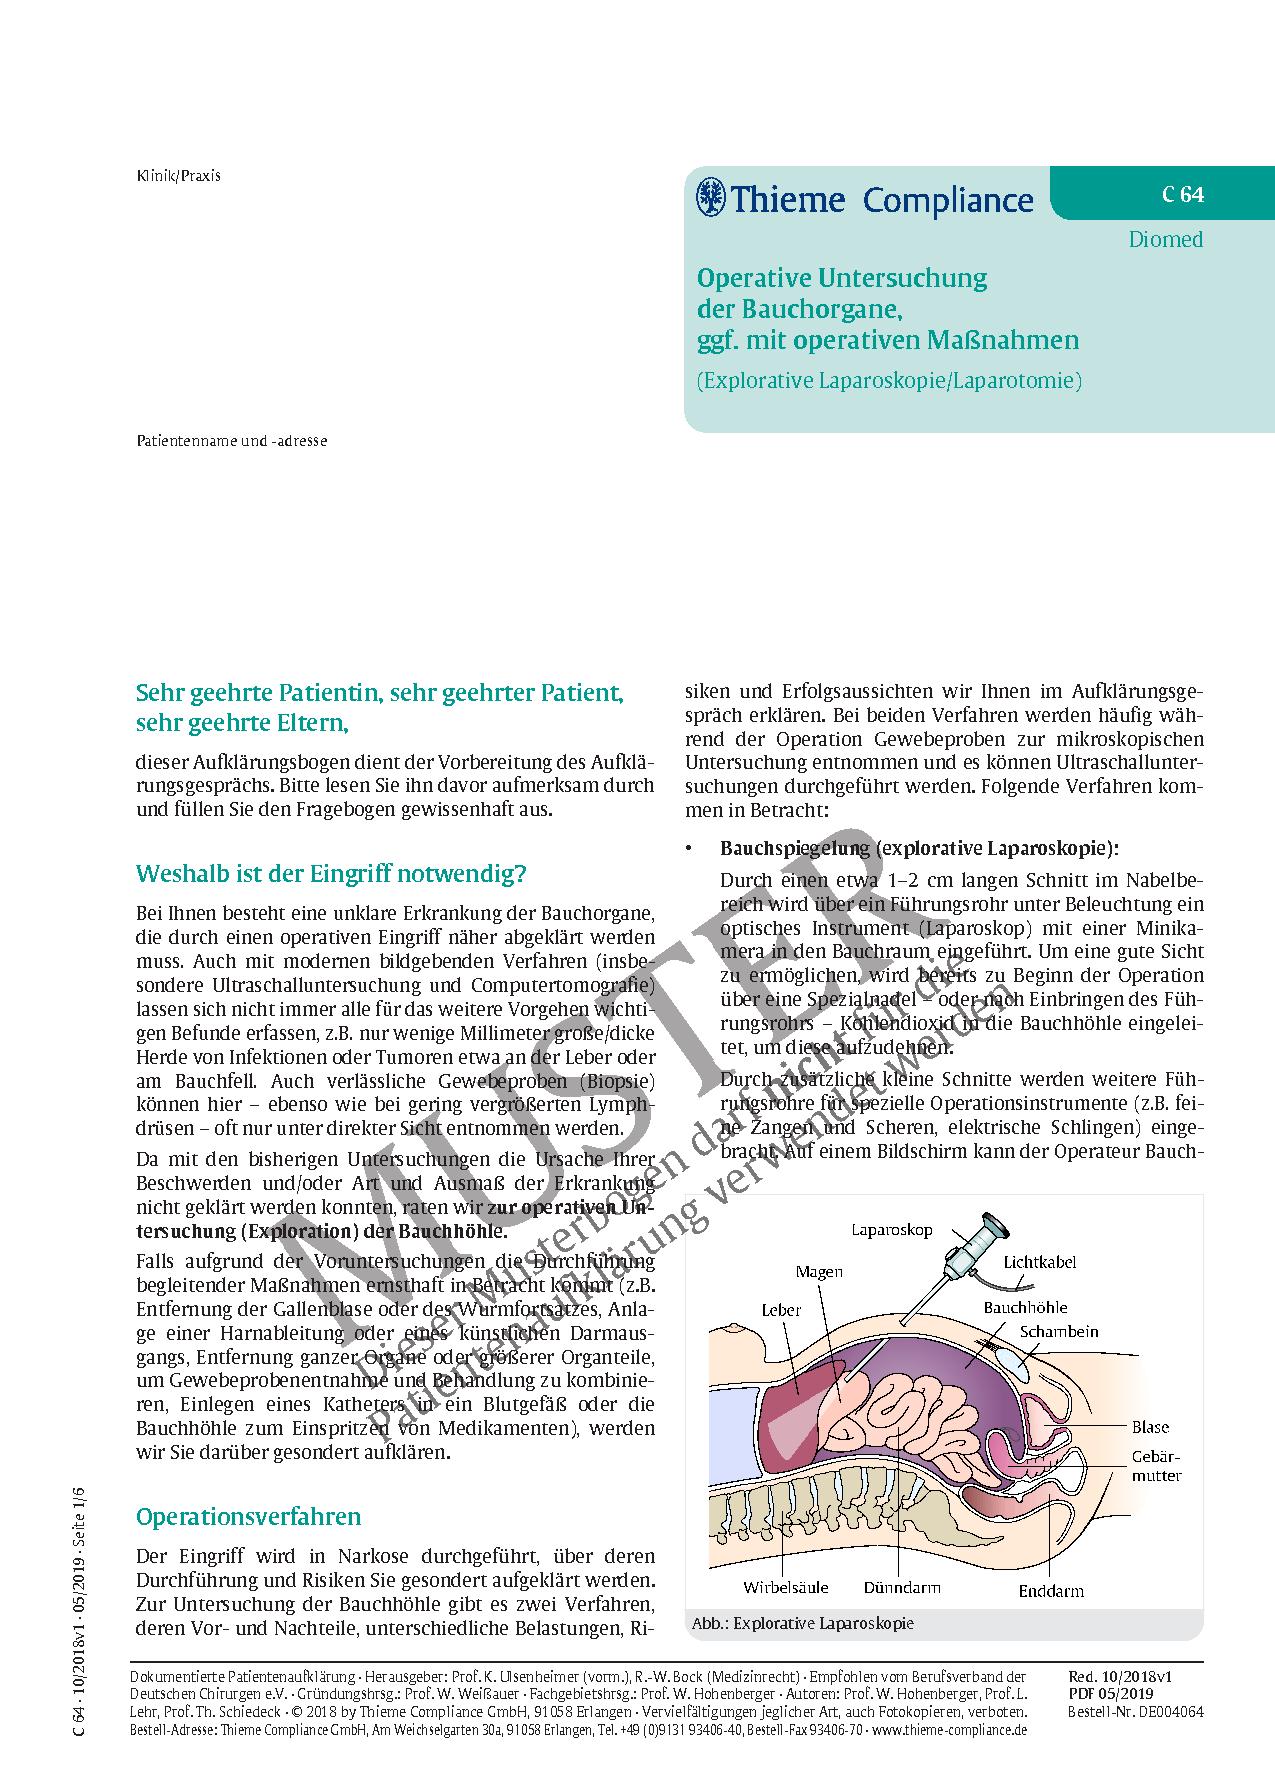 Berühmt Brust Oberflächenanatomie Galerie - Anatomie Ideen - finotti ...